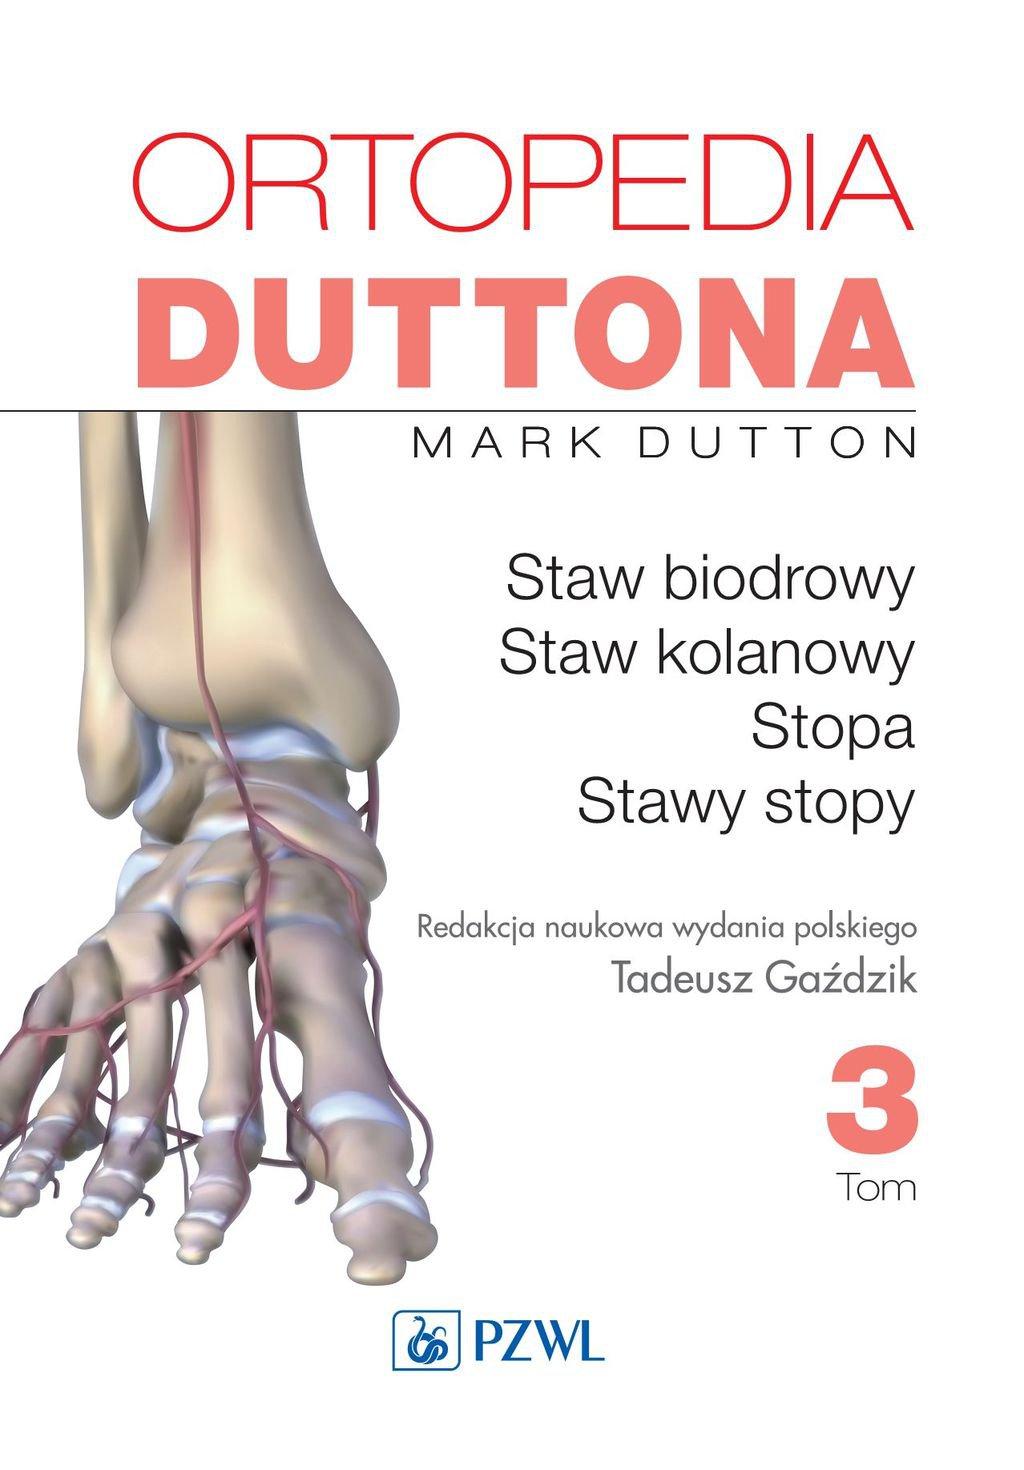 Ortopedia Duttona. Tom 3 - Ebook (Książka EPUB) do pobrania w formacie EPUB